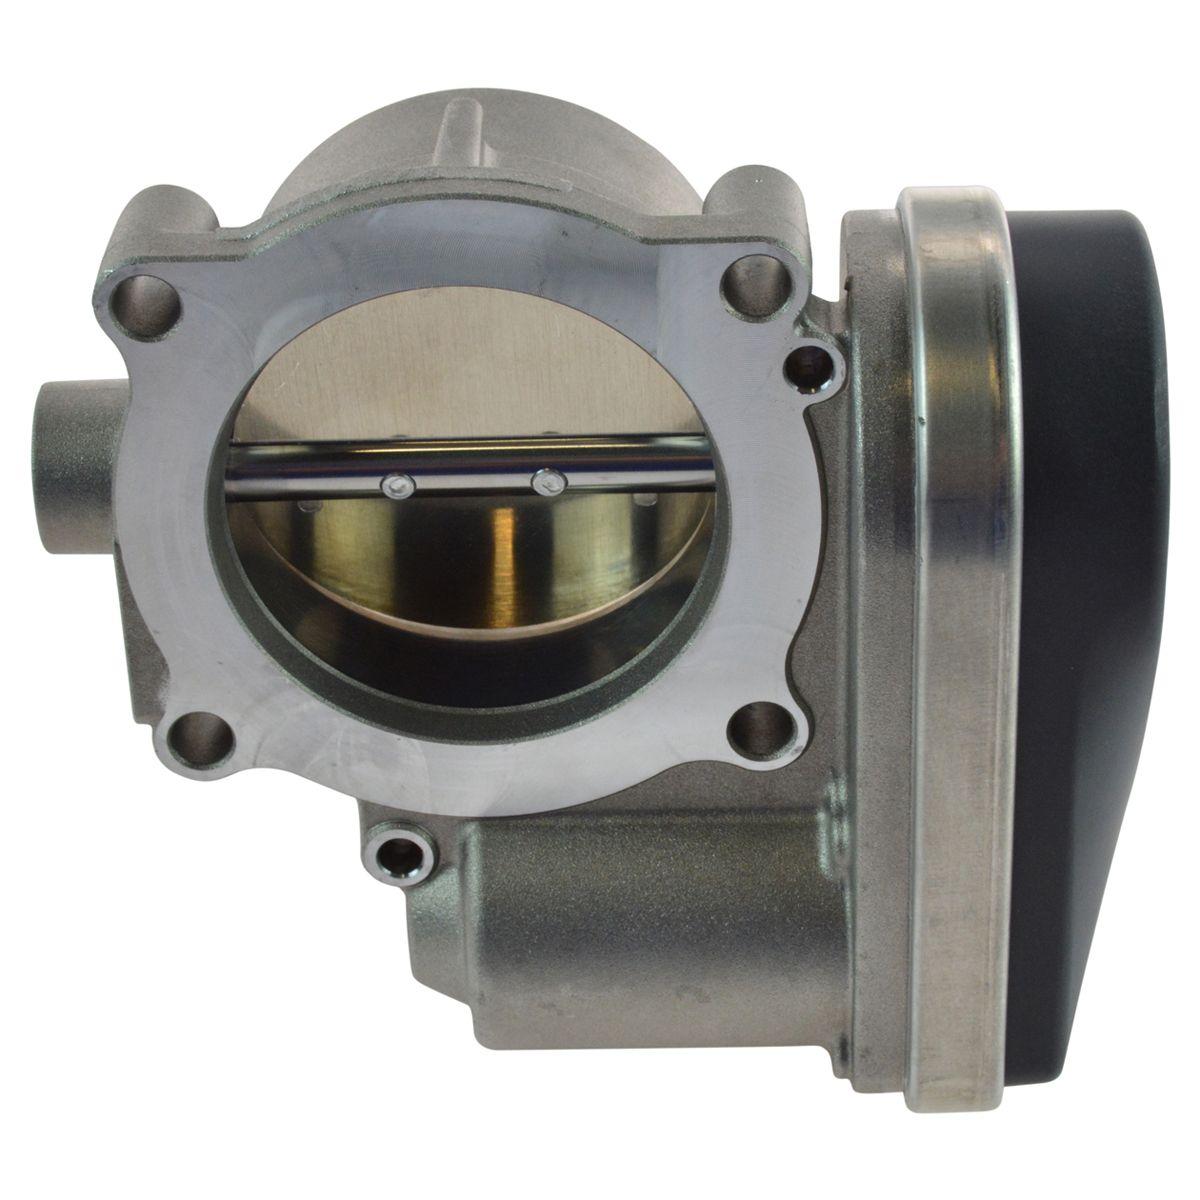 Throttle Body Assembly With TPS Sensor Fit For Chrysler Dodge Avenger 4861691AA